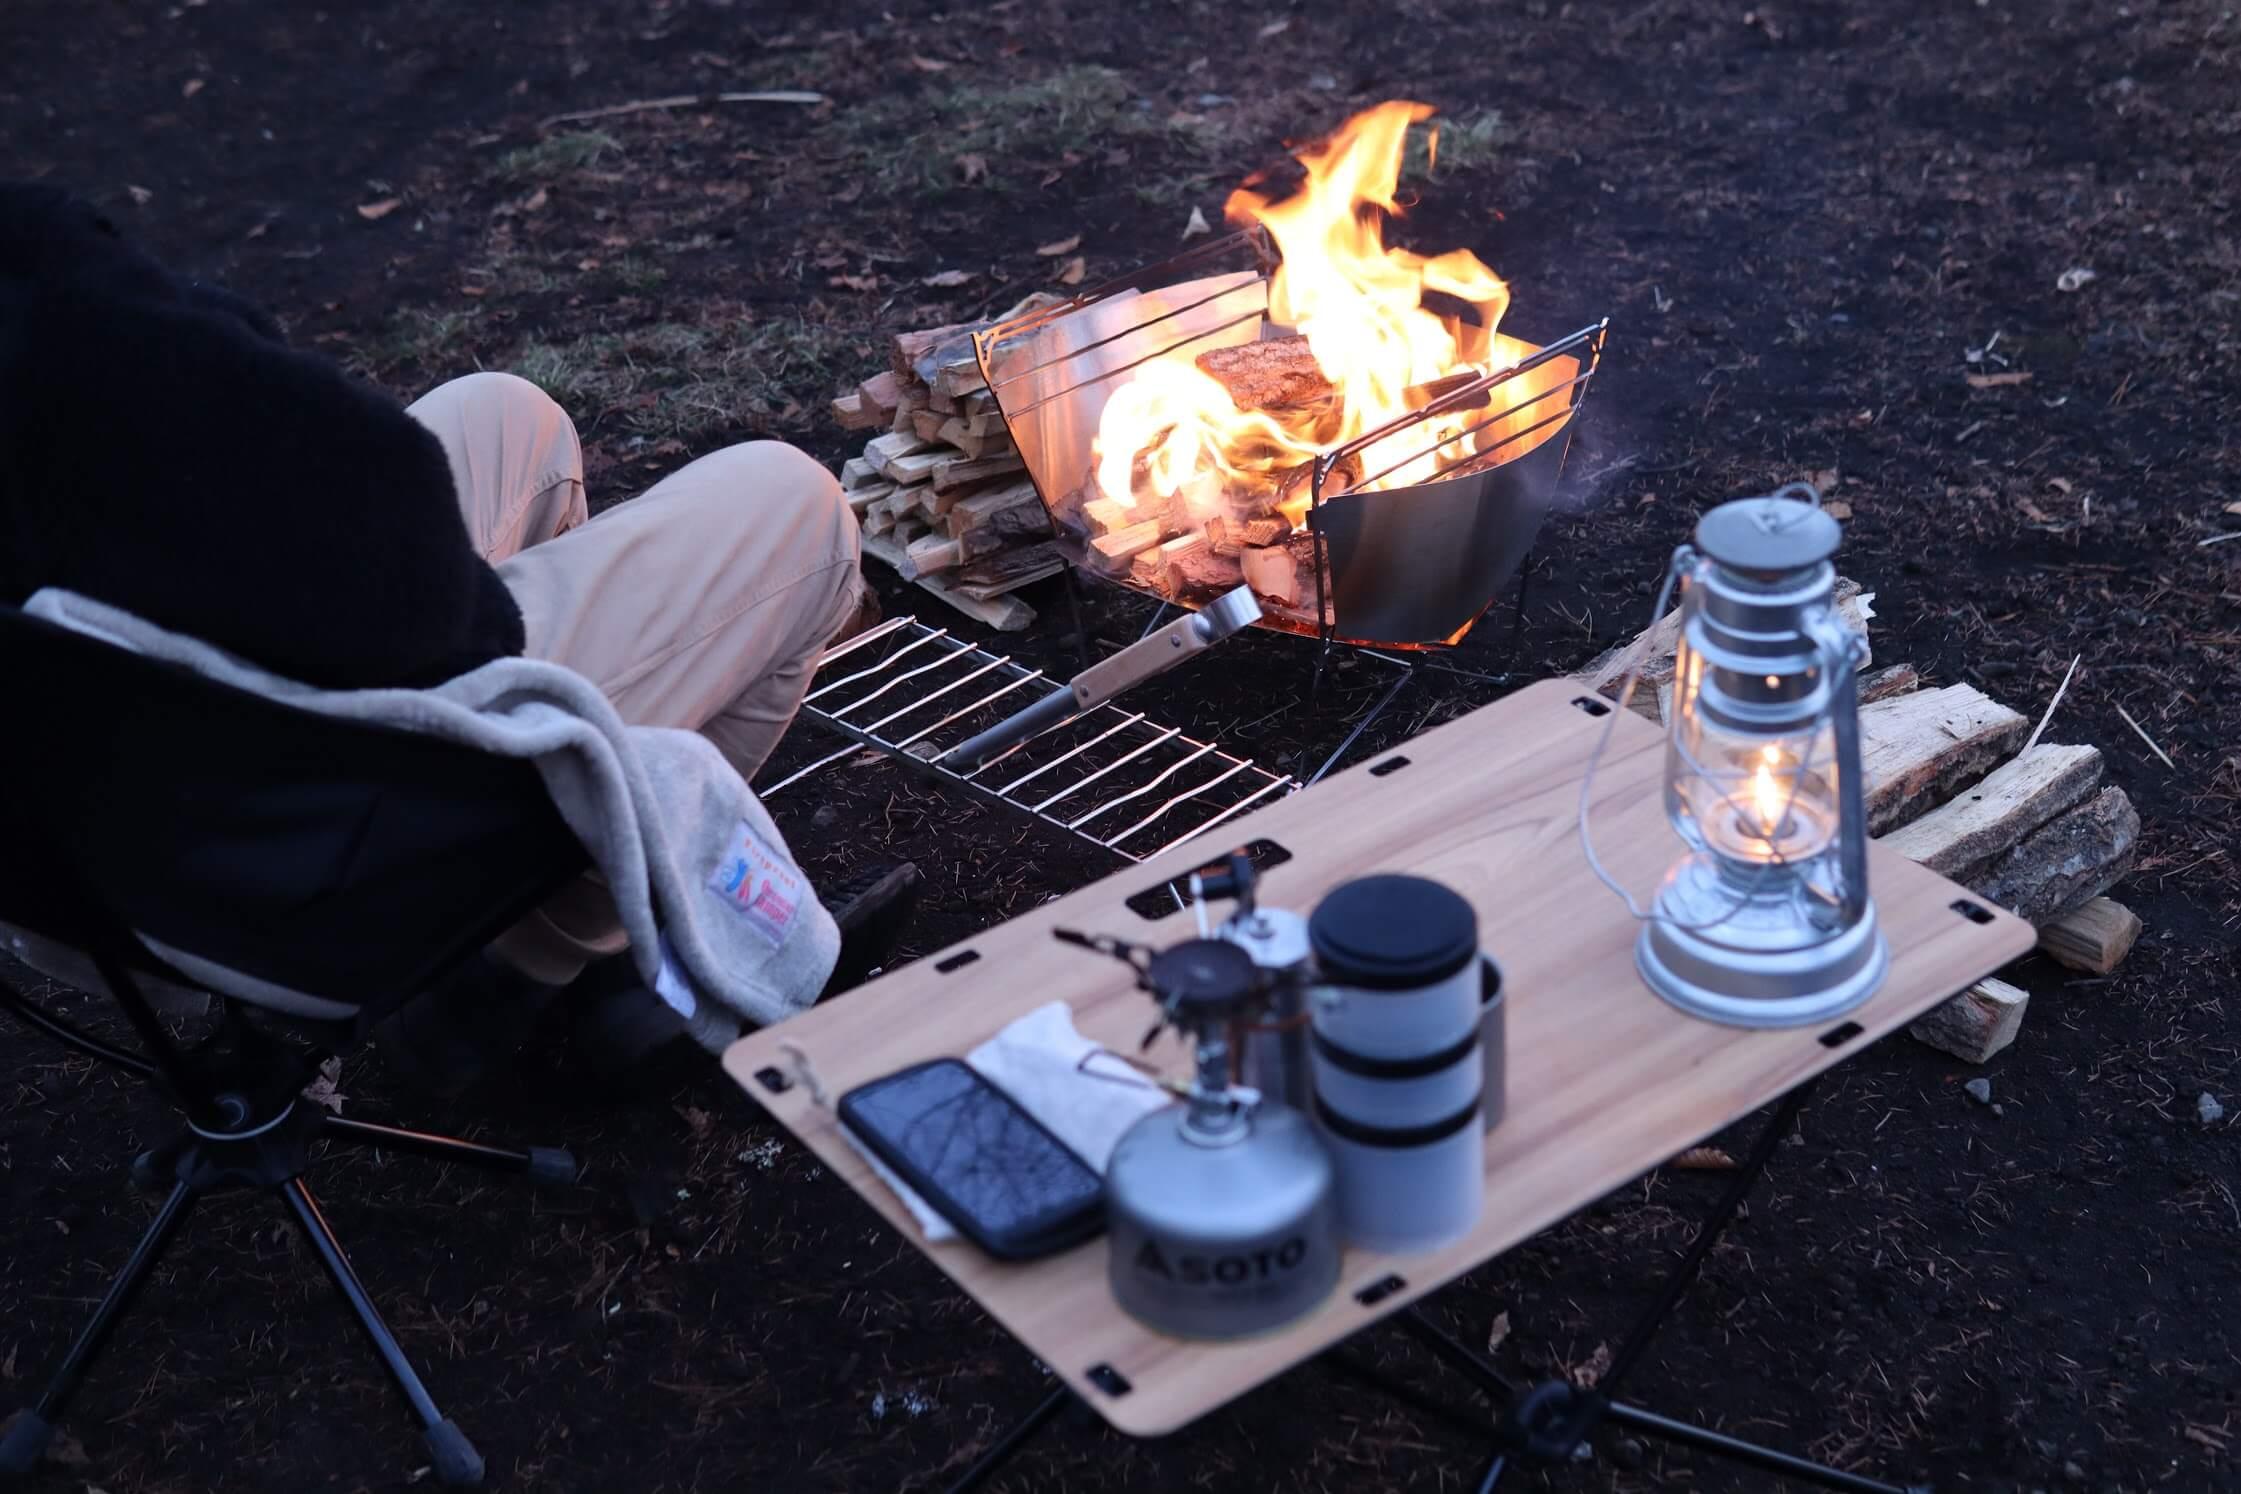 ヘリノックス Helinox テーブルワン ソリッドトップ 焚き火サイドテーブル